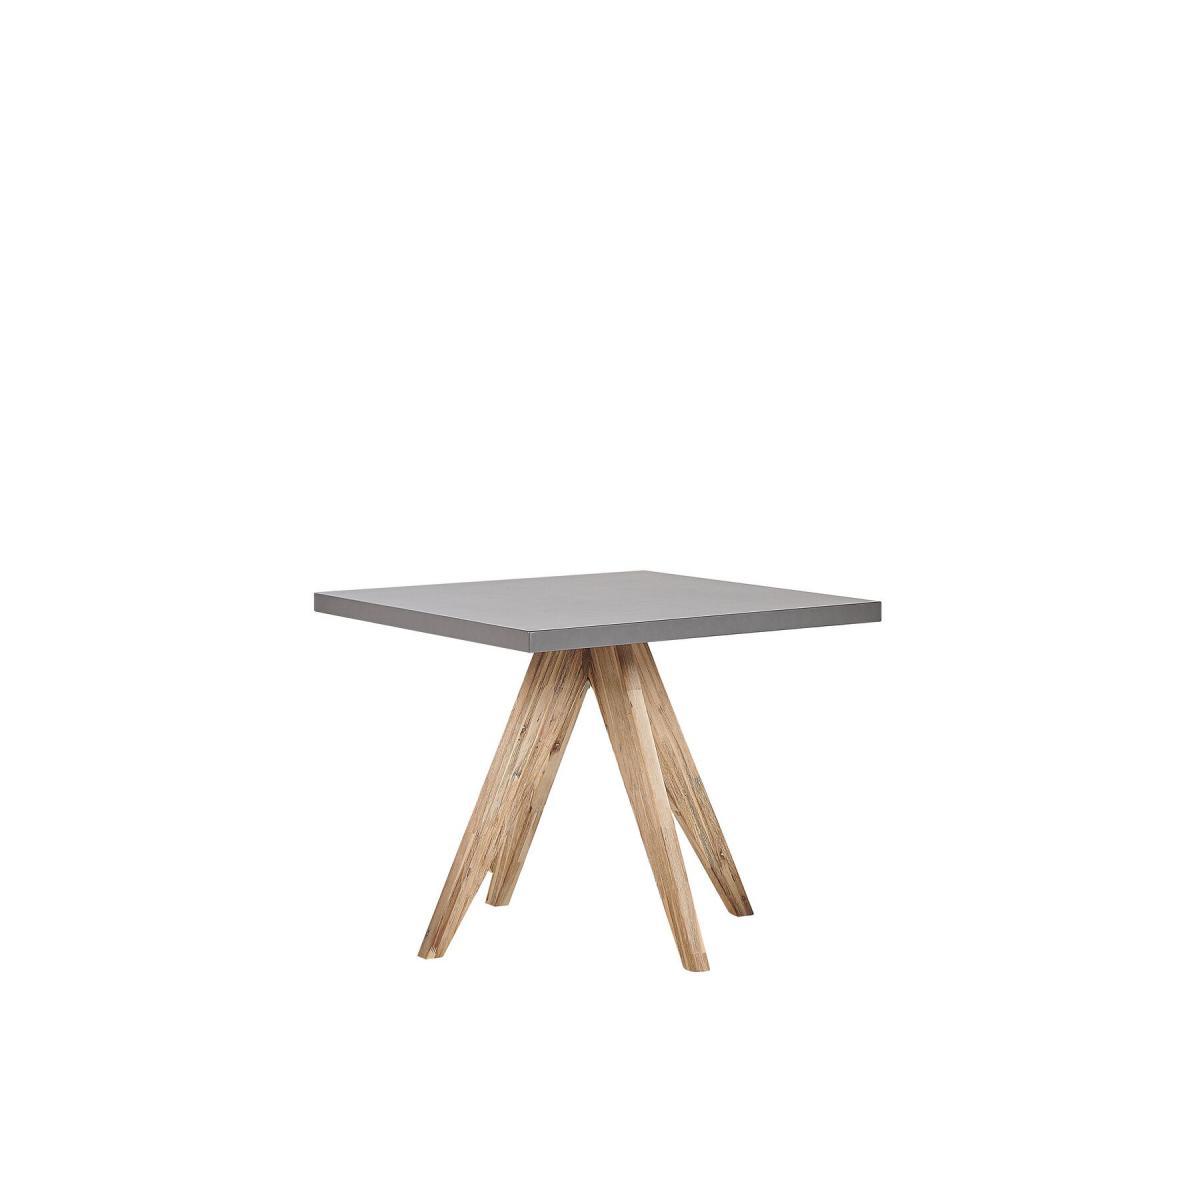 Beliani Table de jardin en fibre-ciment gris et bois 90 x 90 cm OLBIA